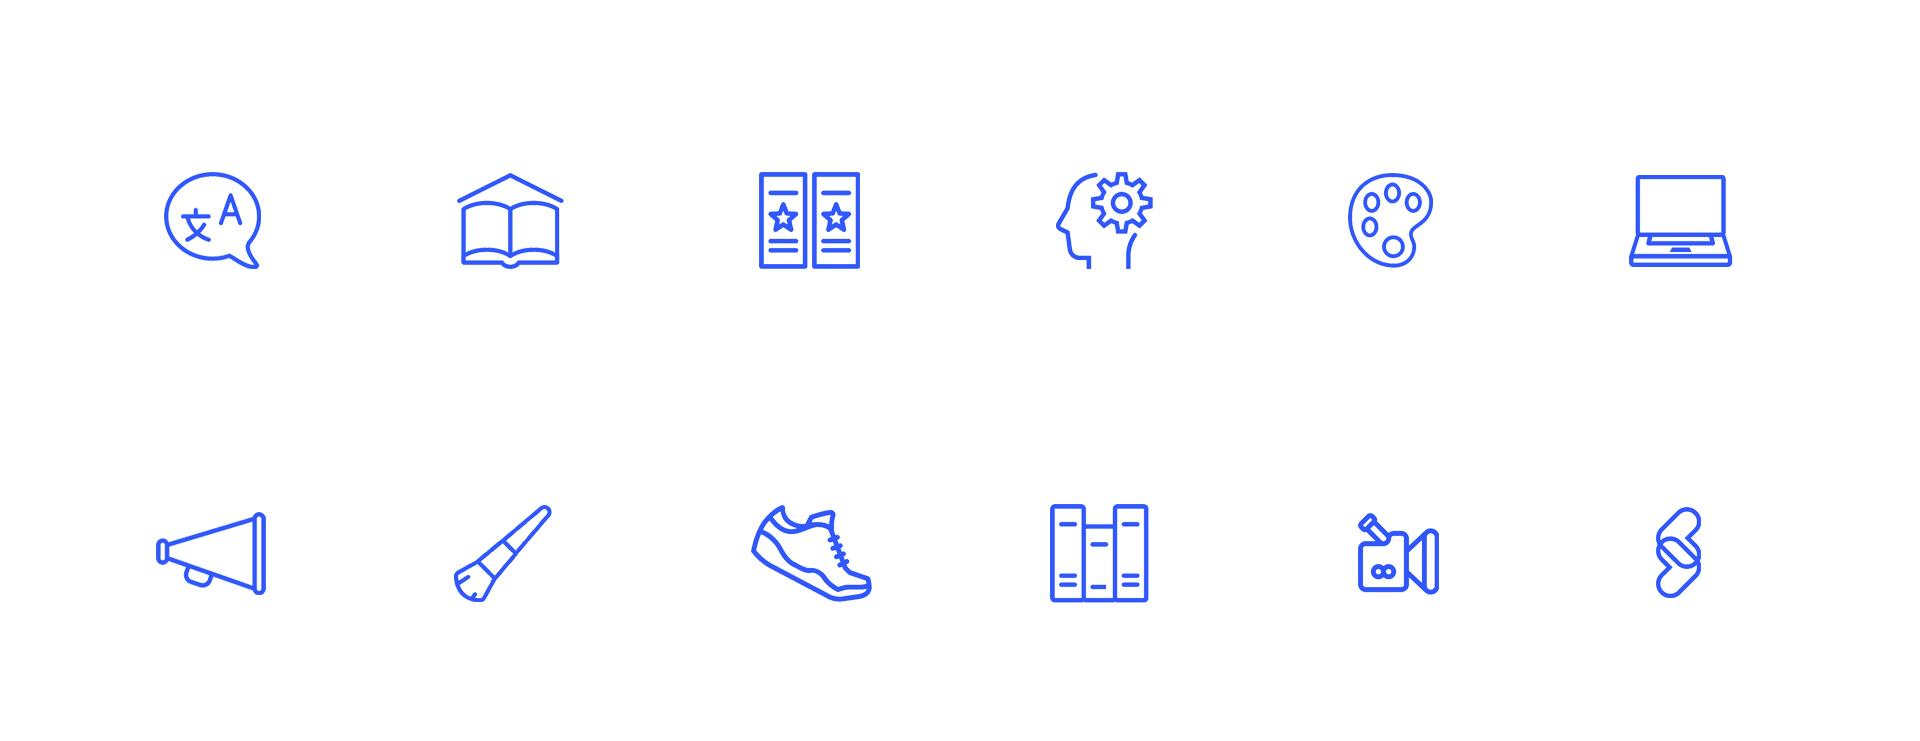 ikonografia stworzona dla marki Skillsy przez agencję interaktywną FROGRIOT